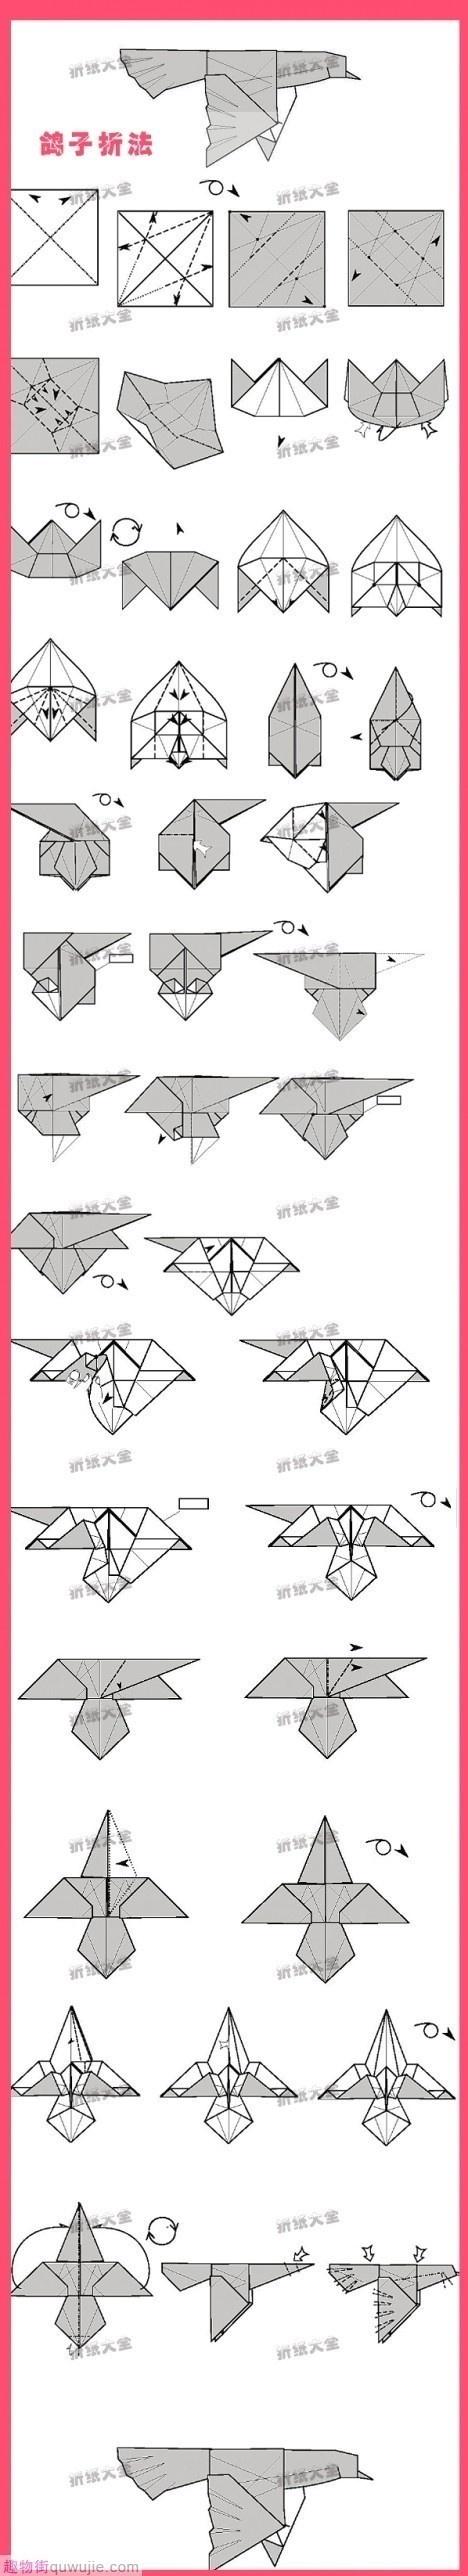 Origami Pigeon #origami